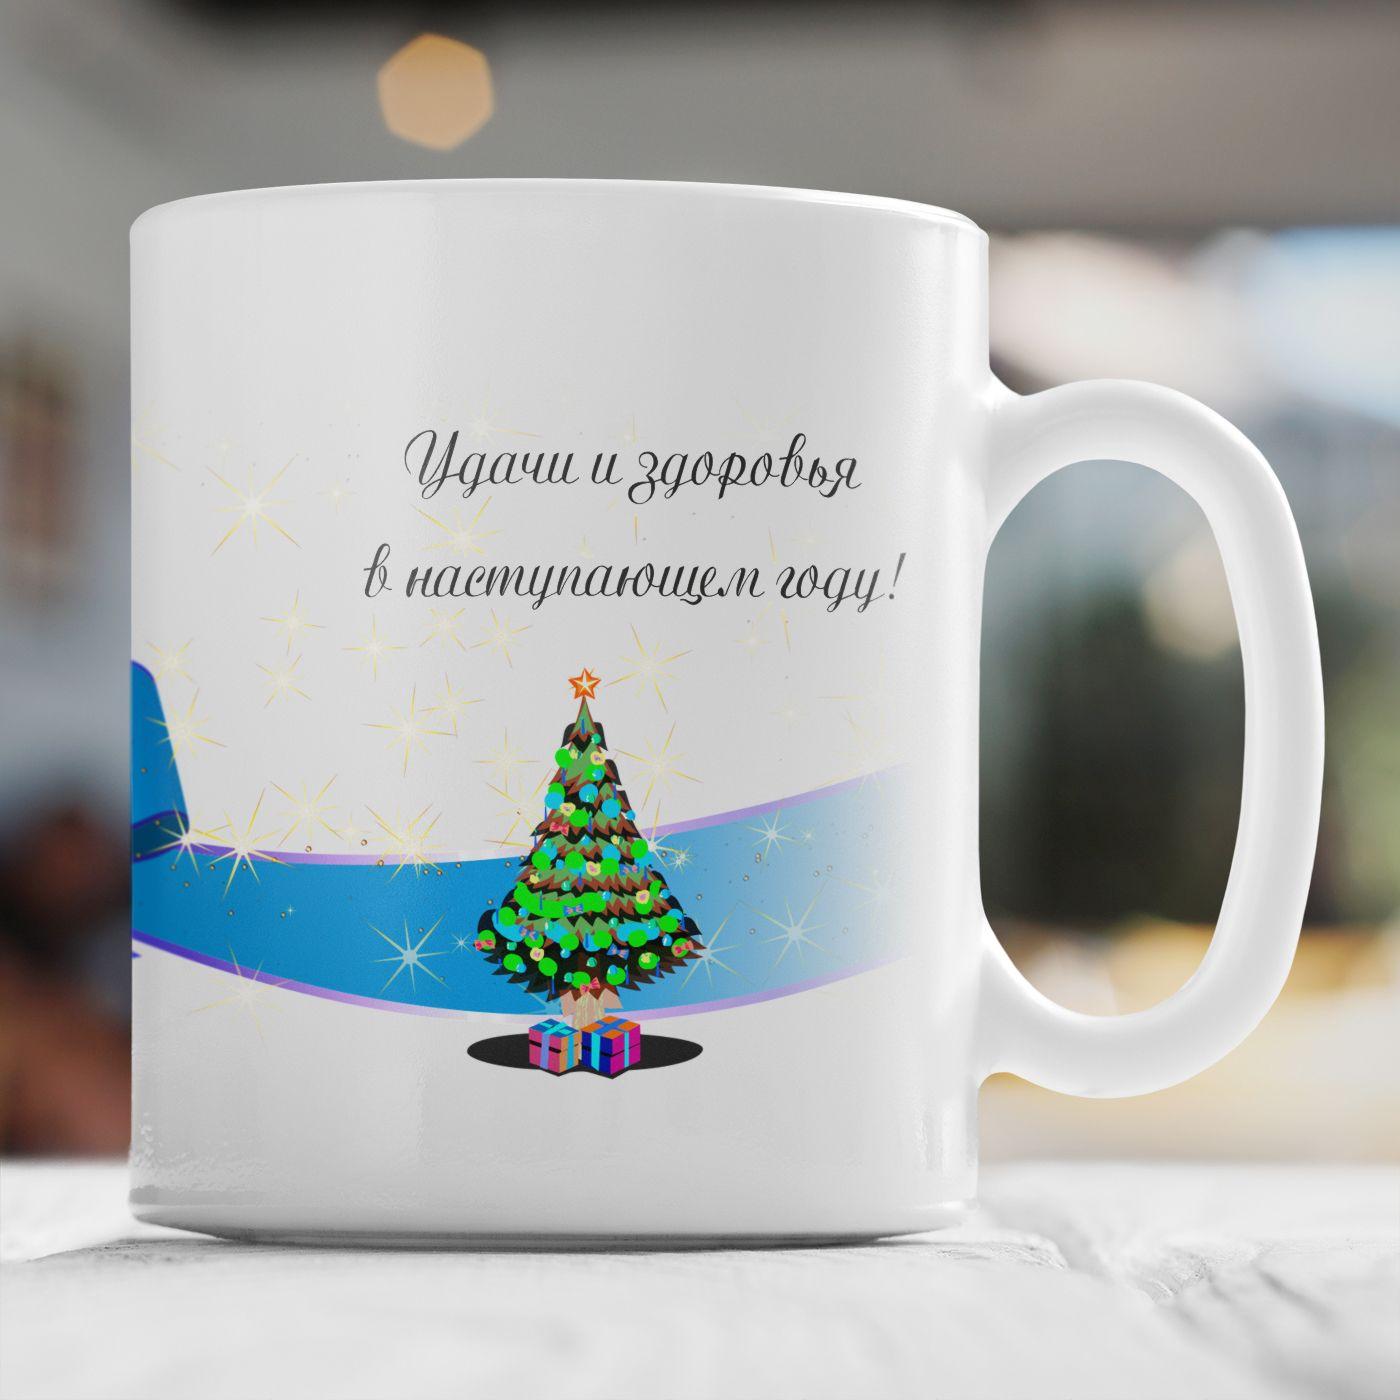 Подарок чашка с поздравлением в прозе